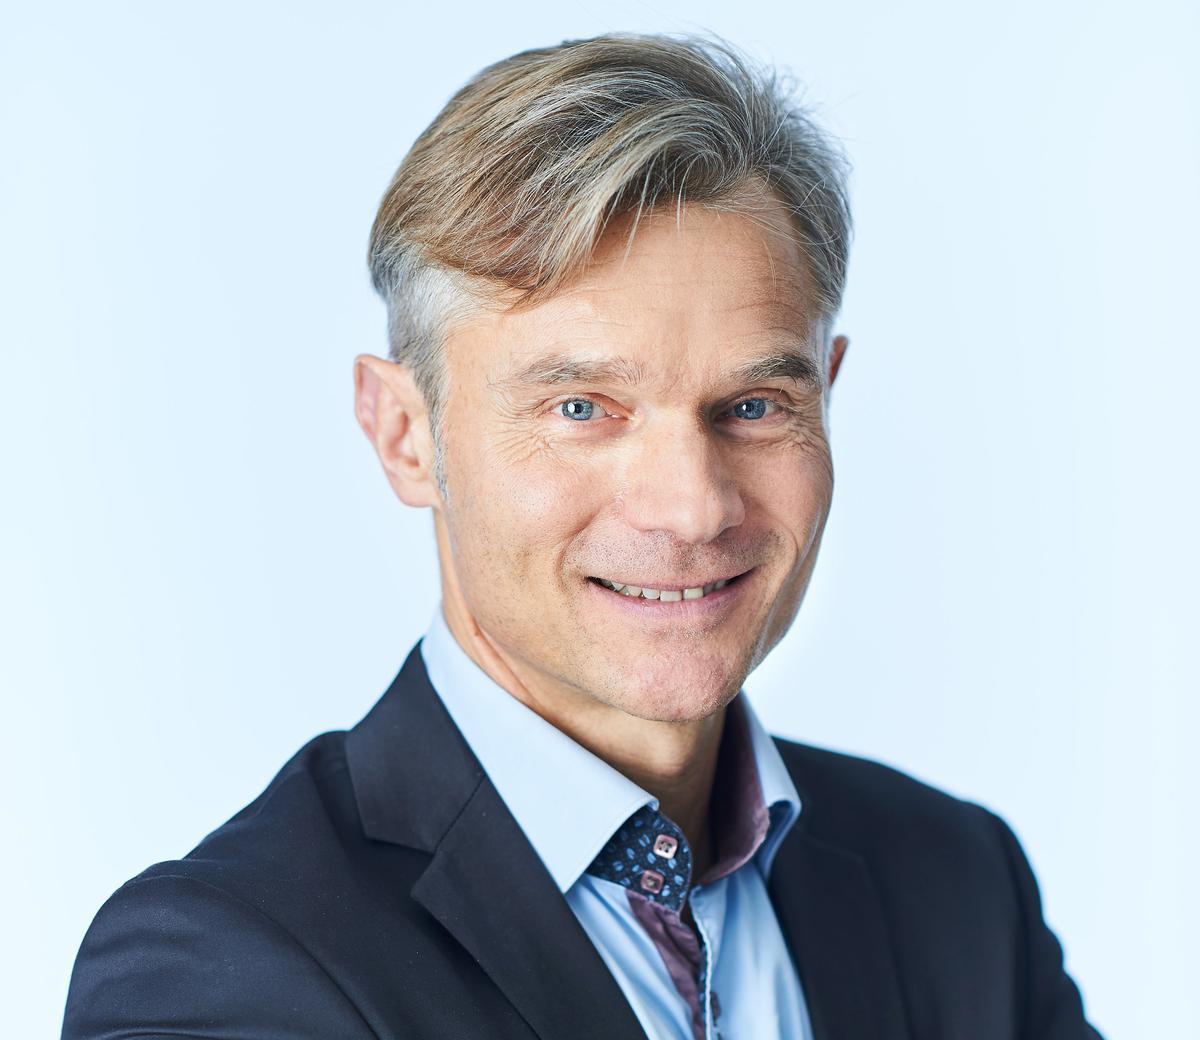 Jereon van Liempd, IHRSA Europe director